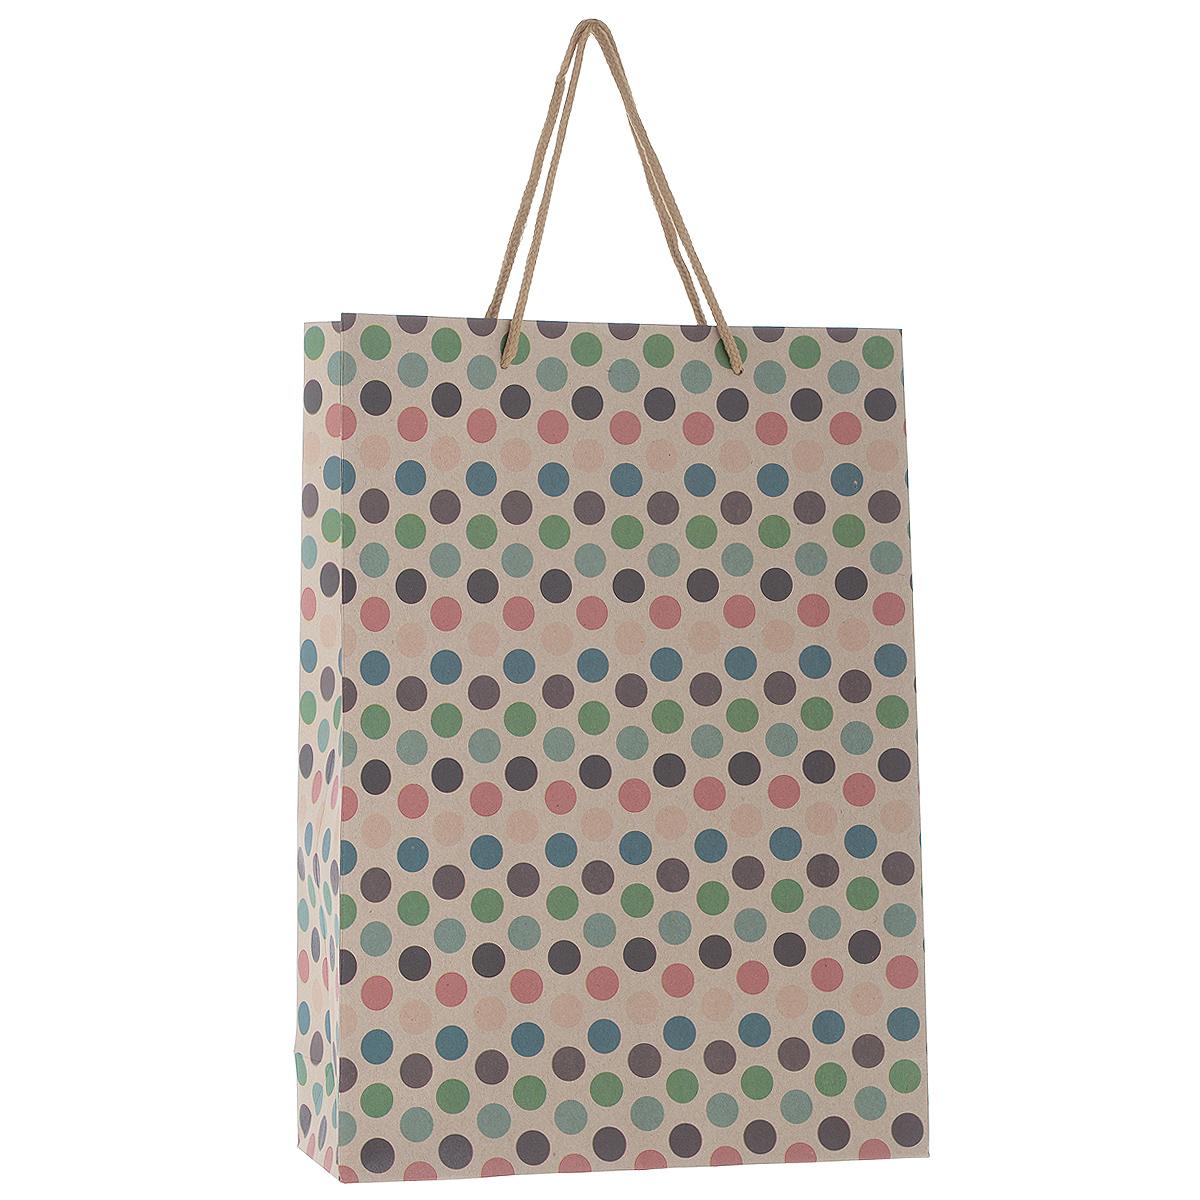 Пакет подарочный Горошек, 33 см х 24 см х 8 см38864Подарочный пакет Горошек, изготовленный из плотной бумаги, станет незаменимым дополнением к выбранному подарку. Дно изделия укреплено плотным картоном, который позволяет сохранить форму пакета и исключает возможность деформации дна под тяжестью подарка. Для удобной переноски на пакете имеются две ручки из шнурков. Подарок, преподнесенный в оригинальной упаковке, всегда будет самым эффектным и запоминающимся. Окружите близких людей вниманием и заботой, вручив презент в нарядном, праздничном оформлении.